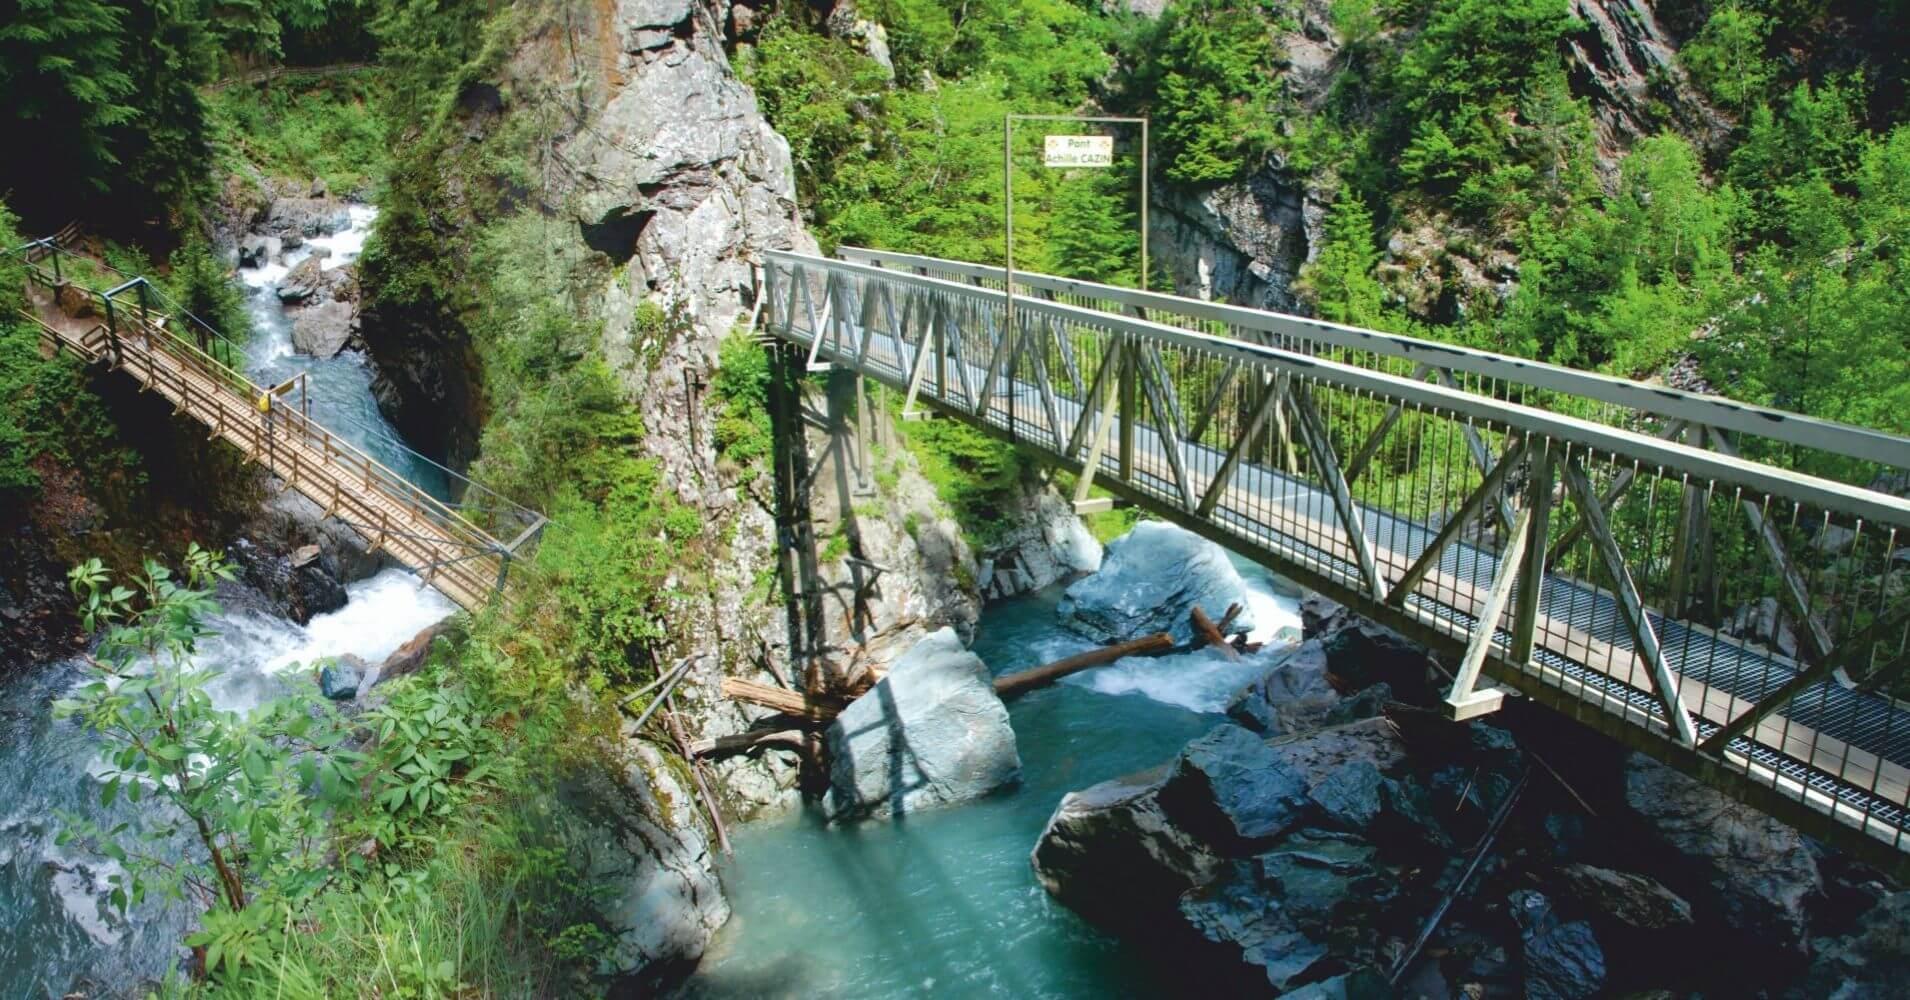 Puentes y Pasarelas de les Gorges de la Diosaz. Alta Saboya, Auvernia-Ródano-Alpes. Francia.